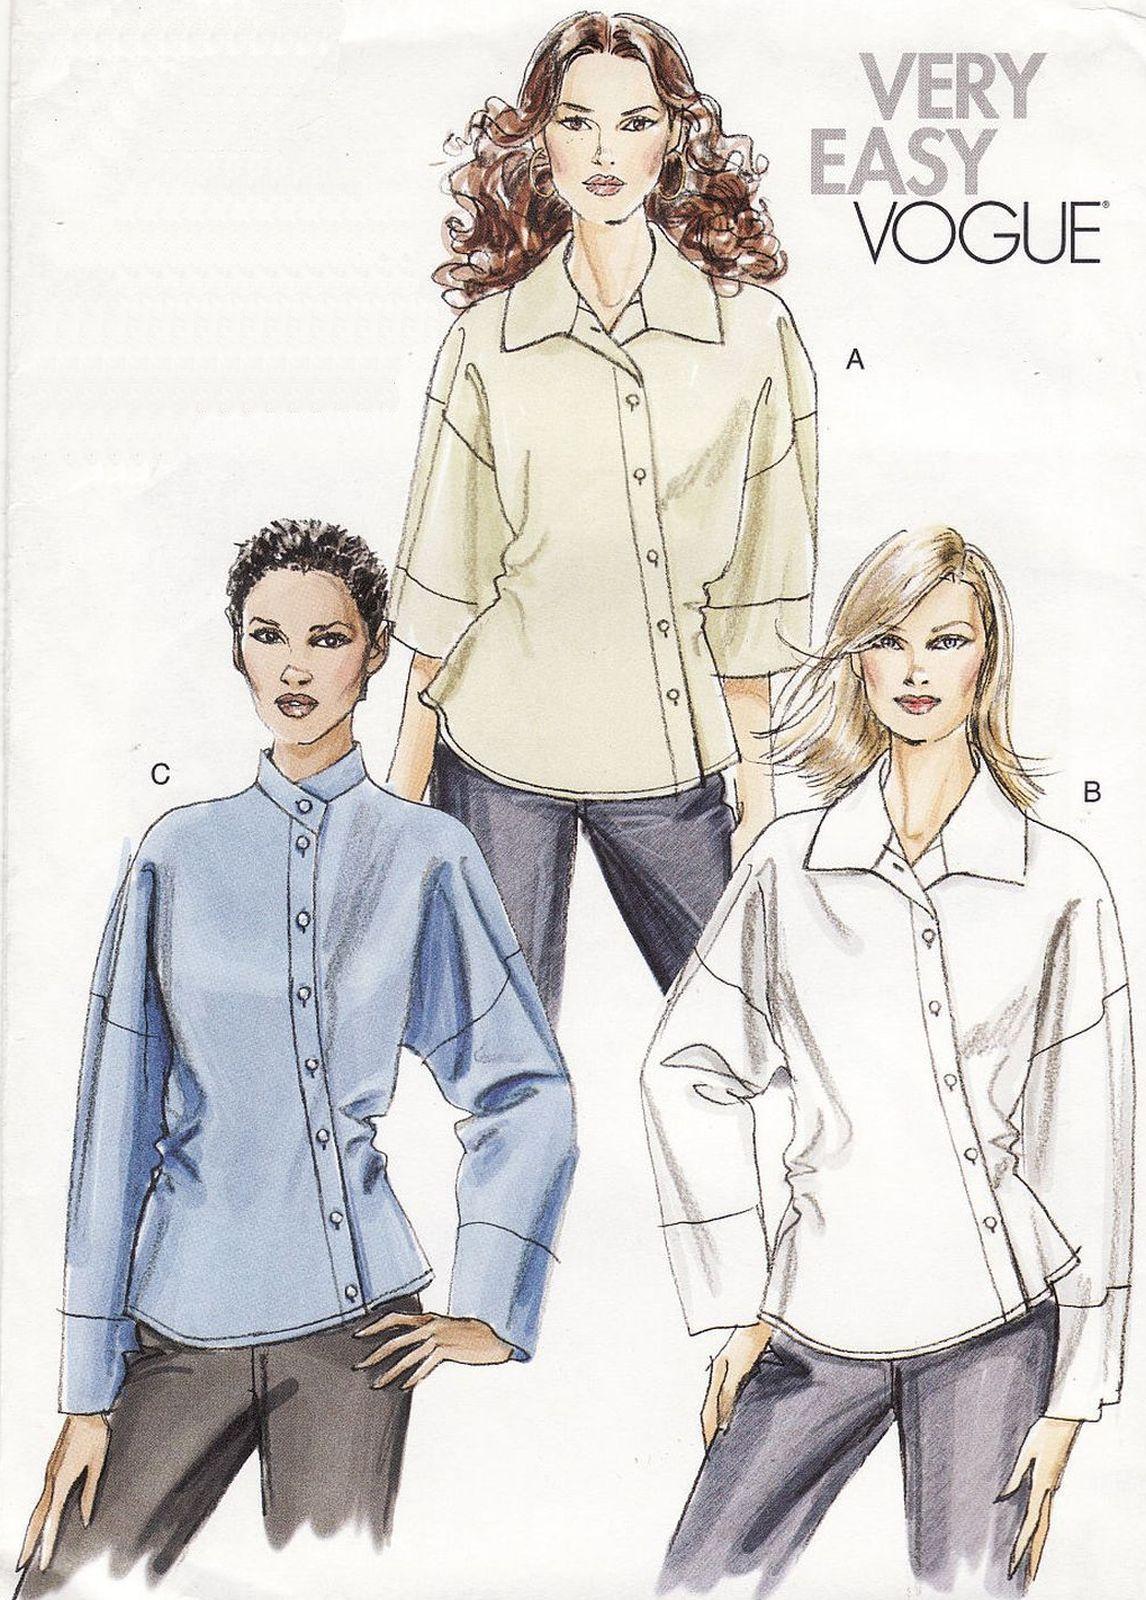 Misses Vogue Office ASYMMETRICAL BUTTON CLOSURE SHIRT Blouse Sew ...